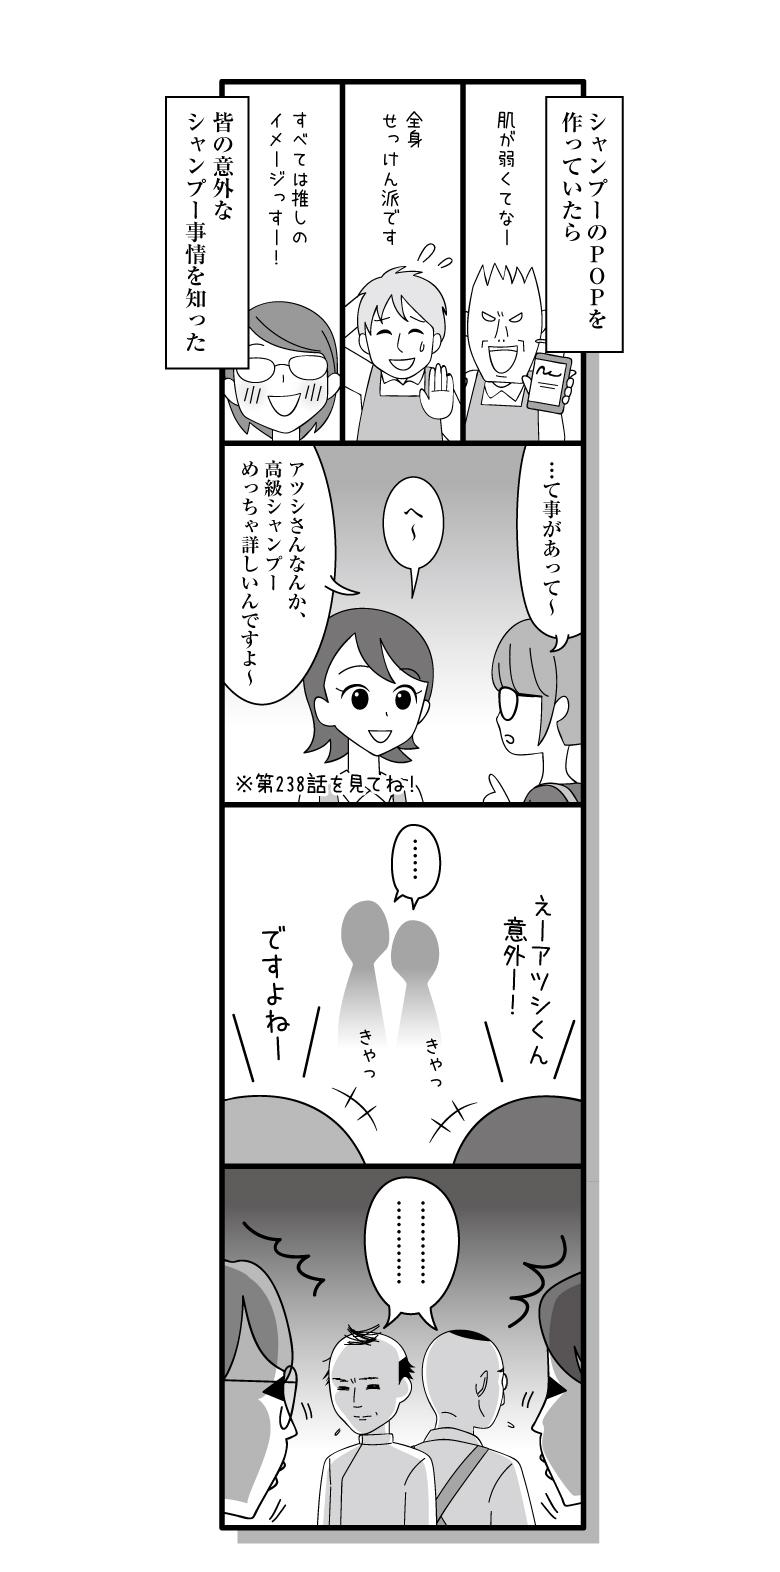 191123_manga